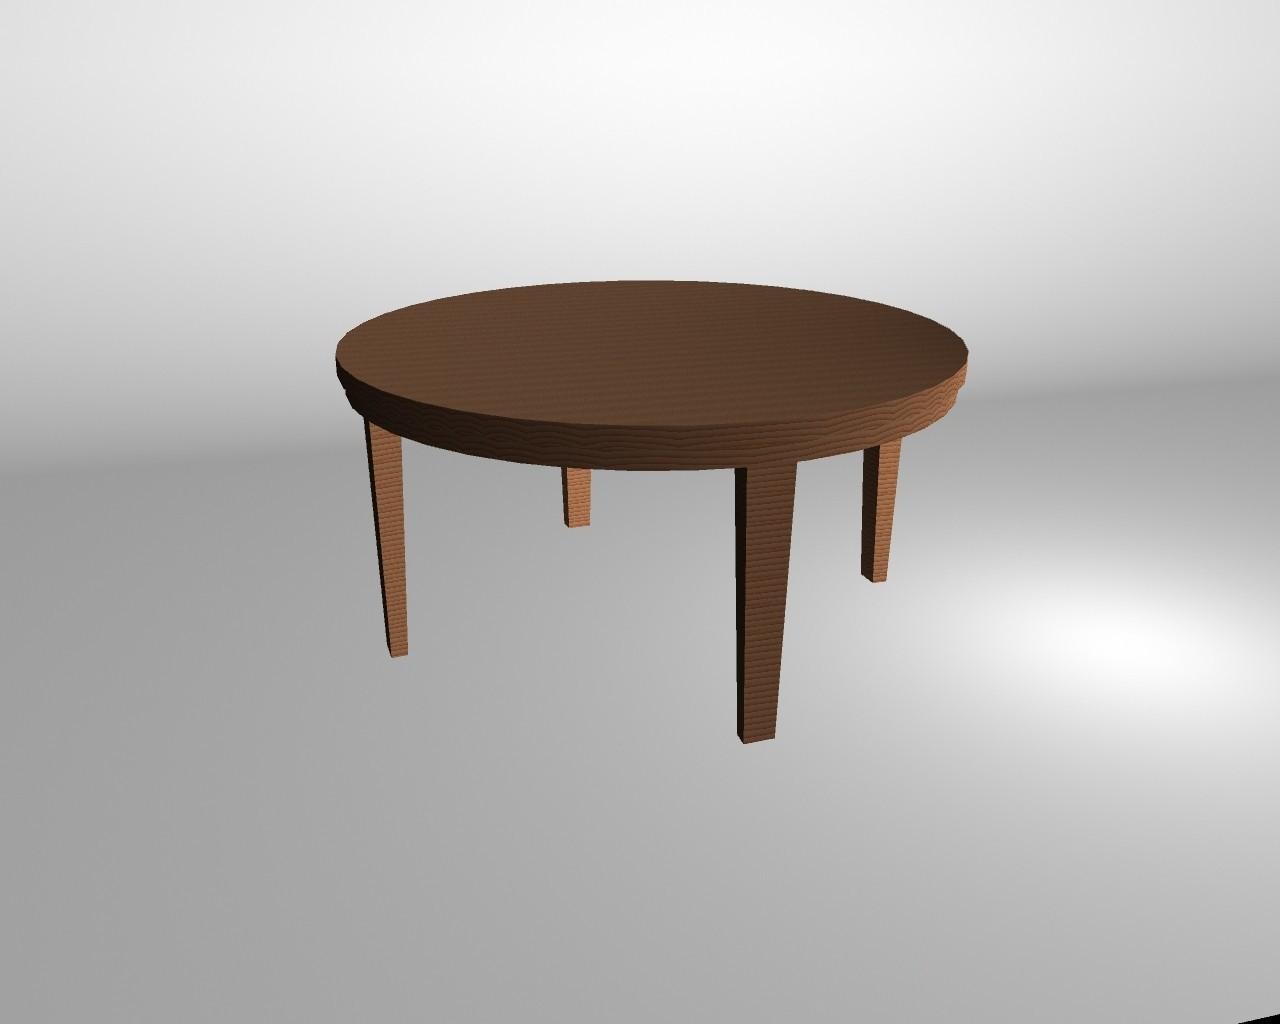 Mesa-redonda.jpg Télécharger fichier OBJ gratuit Table ronde • Modèle pour impression 3D, Superer012